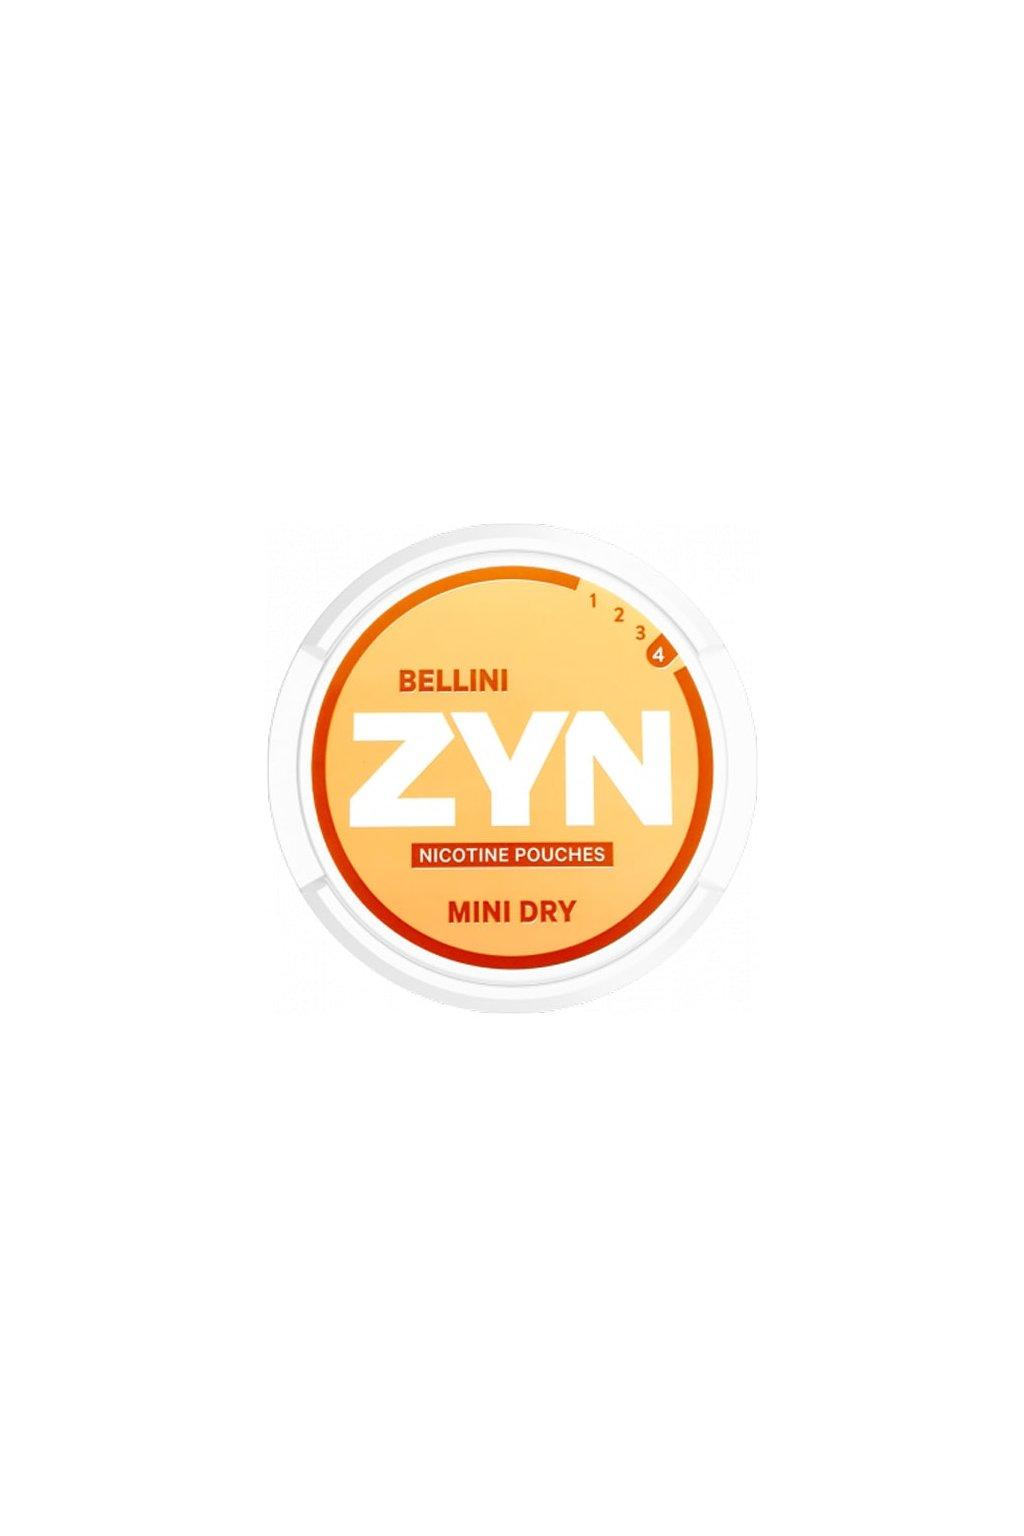 ZYN Mini Dry Bellini nikotinove sacky nicopods